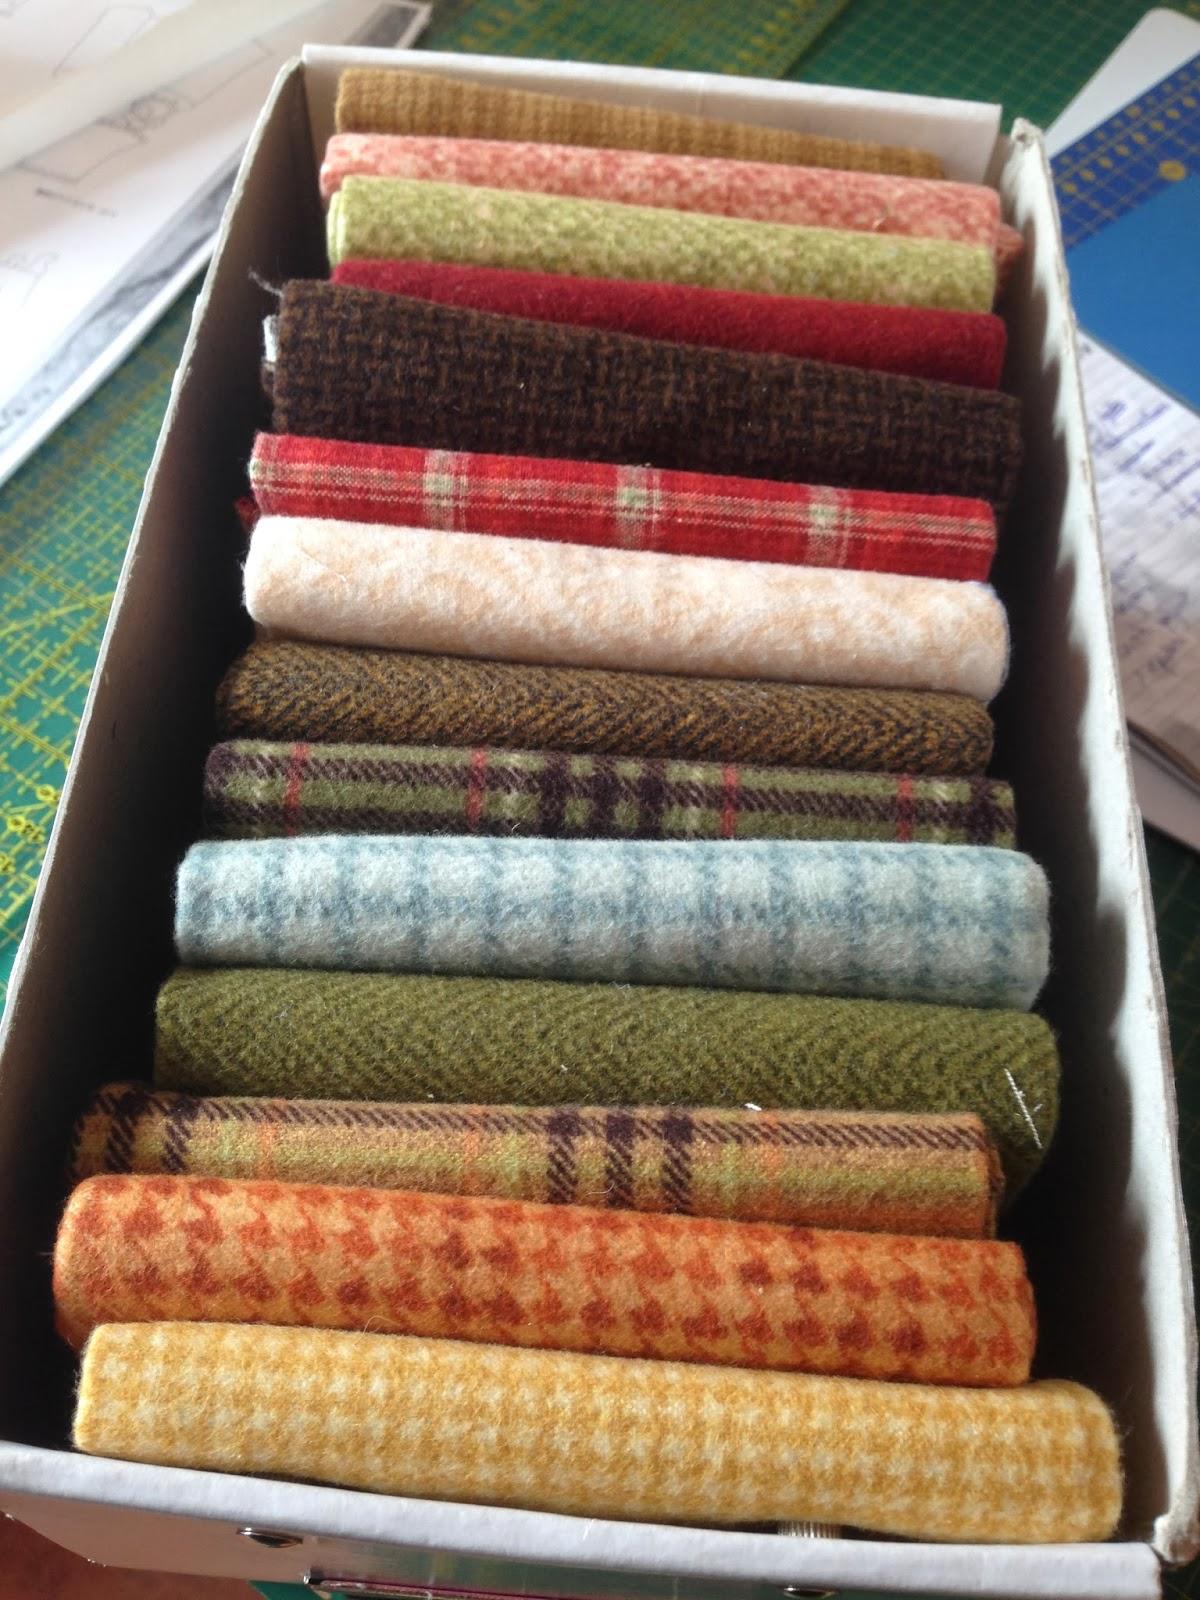 los precortados jelly rolls cakeslos guardo en un armario dentro de una cesta